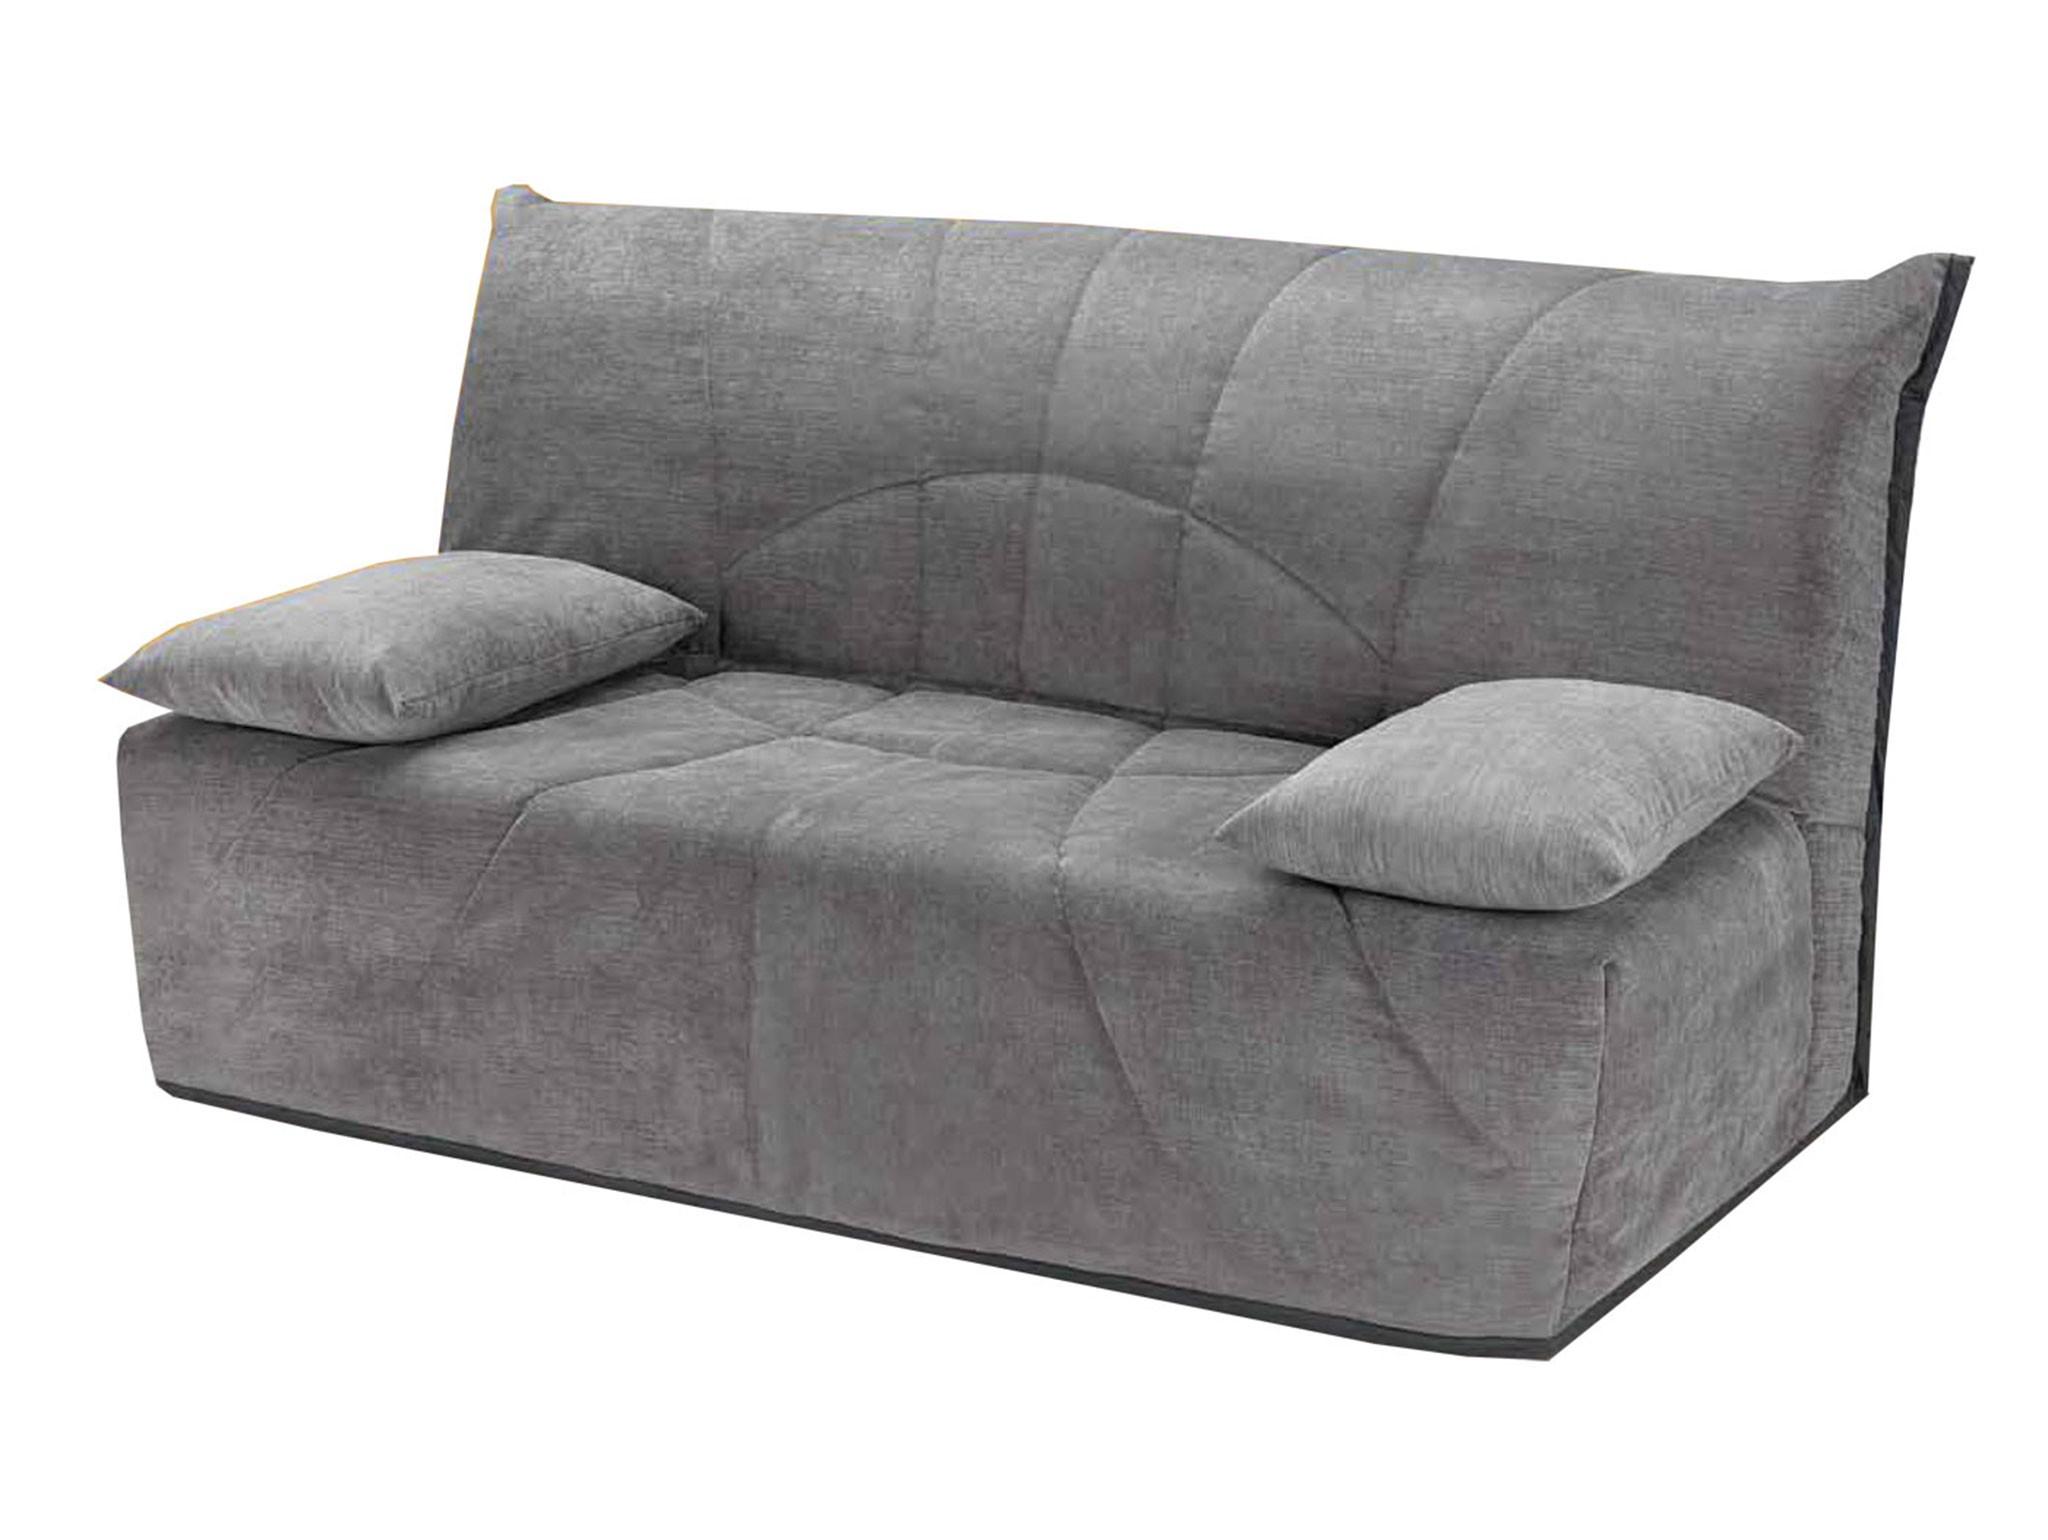 canap clic clac bz 2 places canap id es de. Black Bedroom Furniture Sets. Home Design Ideas